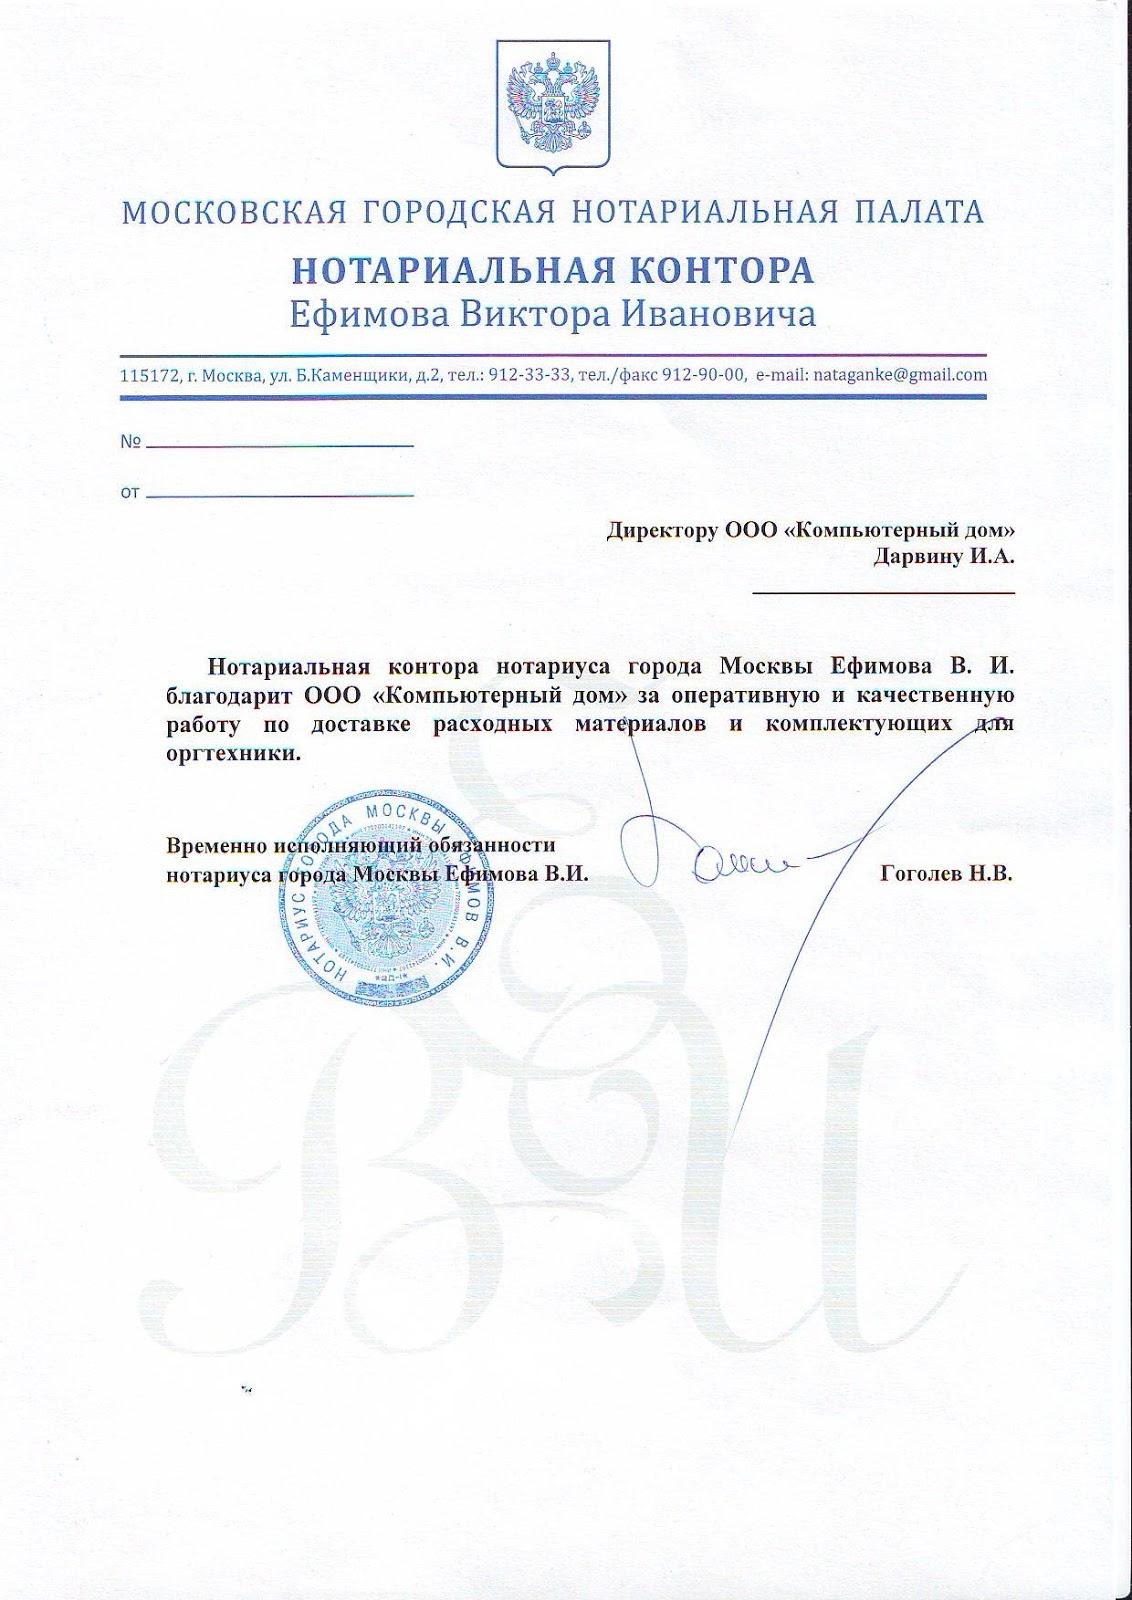 Филиал центральный банка втб пао г москва реквизиты окпо